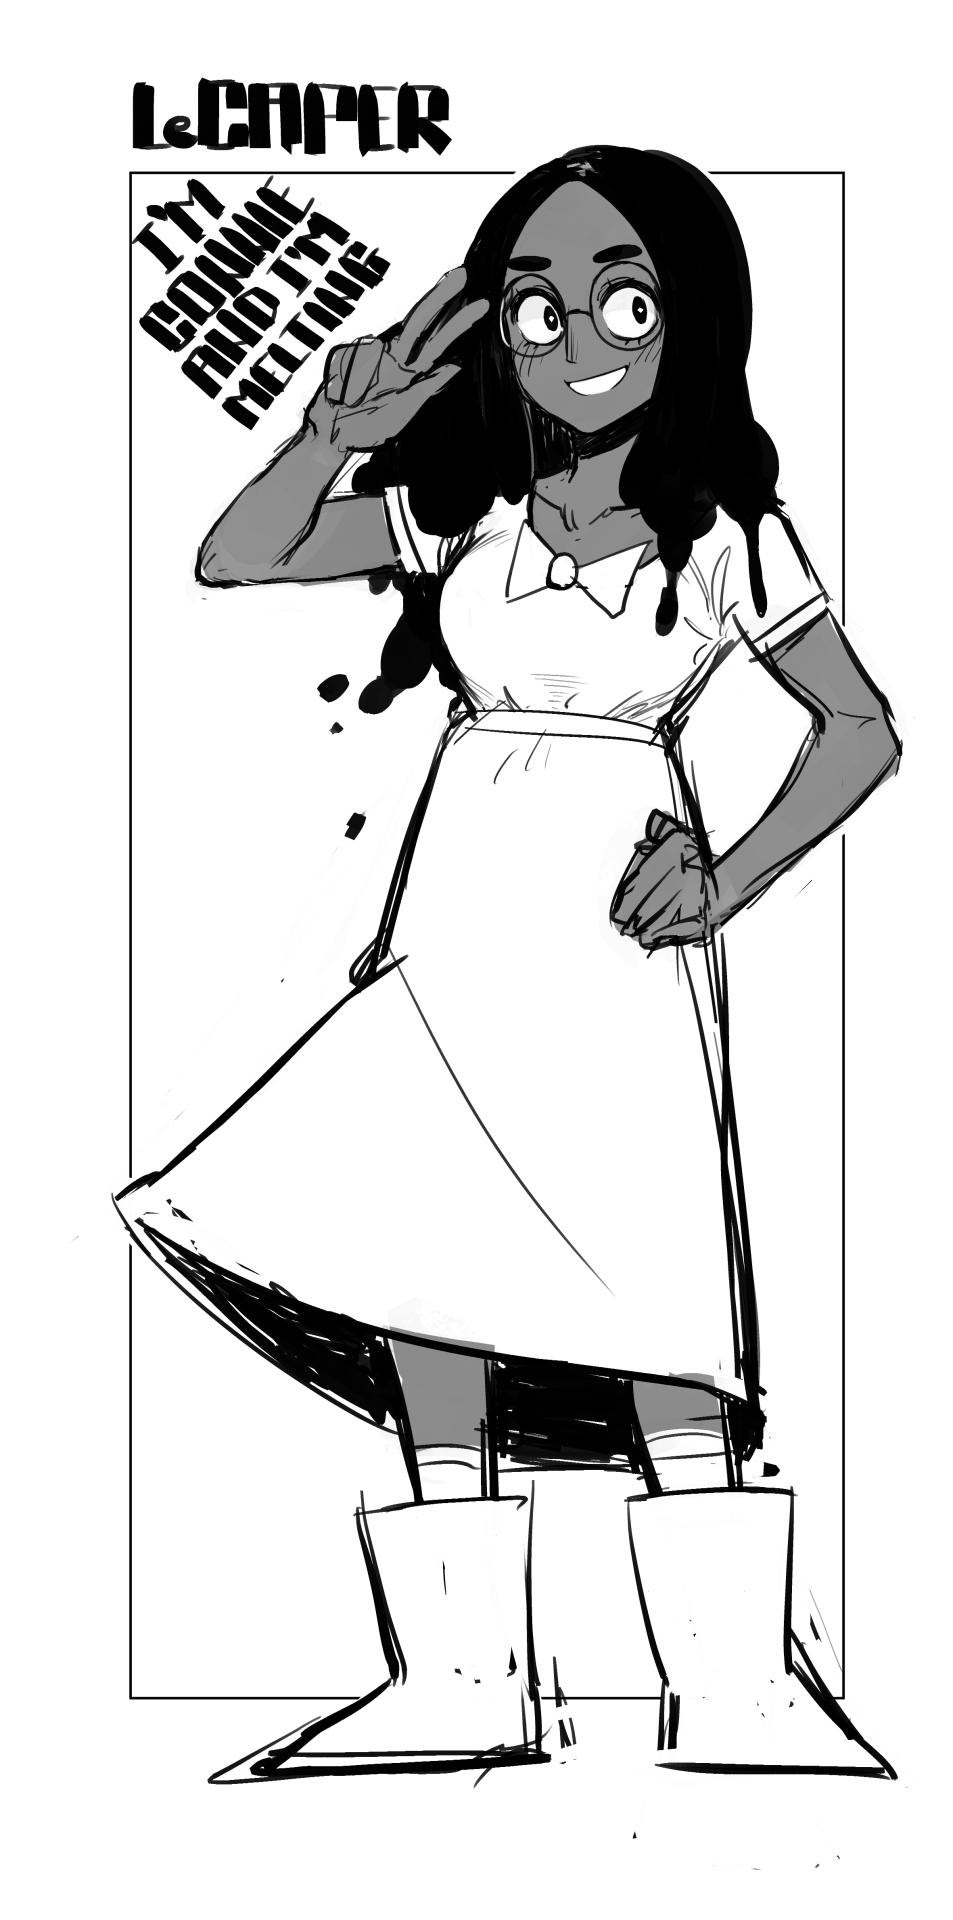 Steven Universe - Connie Fanart She's precious - LeCaper